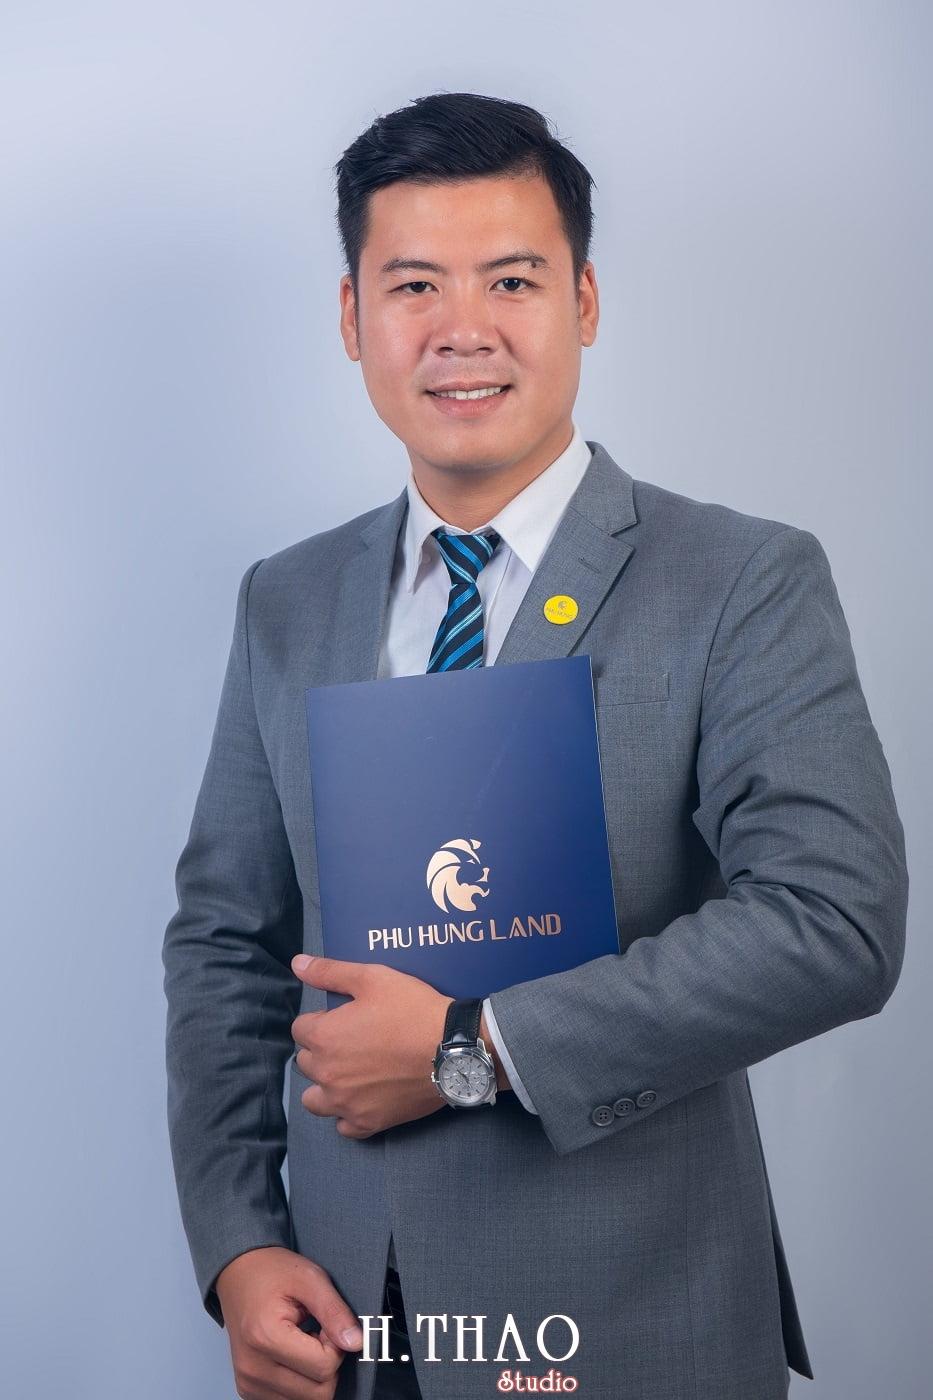 Phu Hung Land 41 min - Album ảnh doanh nhân ban lãnh đạo công ty Phu Hung Land